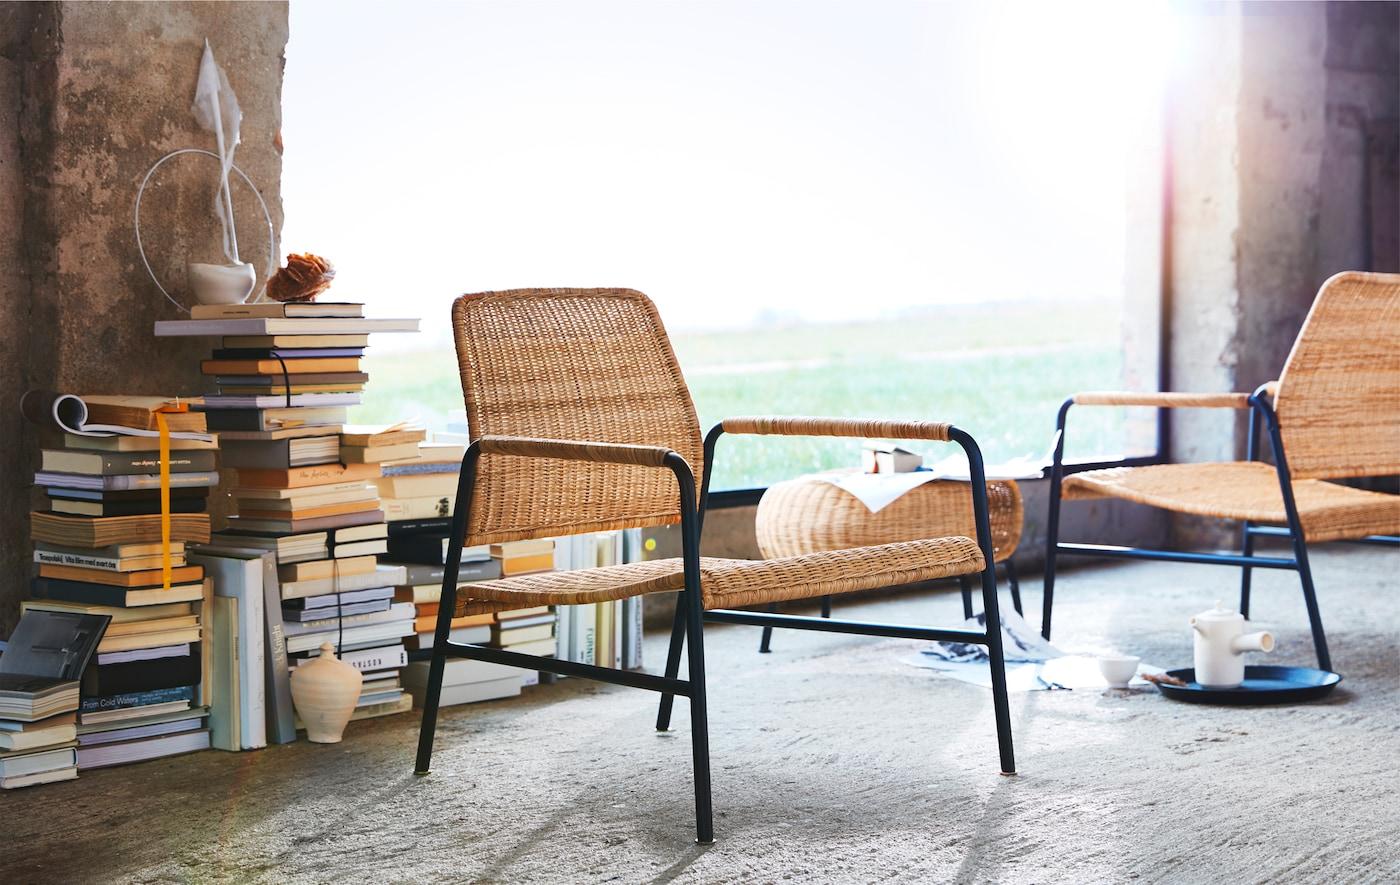 積み重ねた本と大きな窓の前に置いたラタンとメタルのチェア、フットスツール。